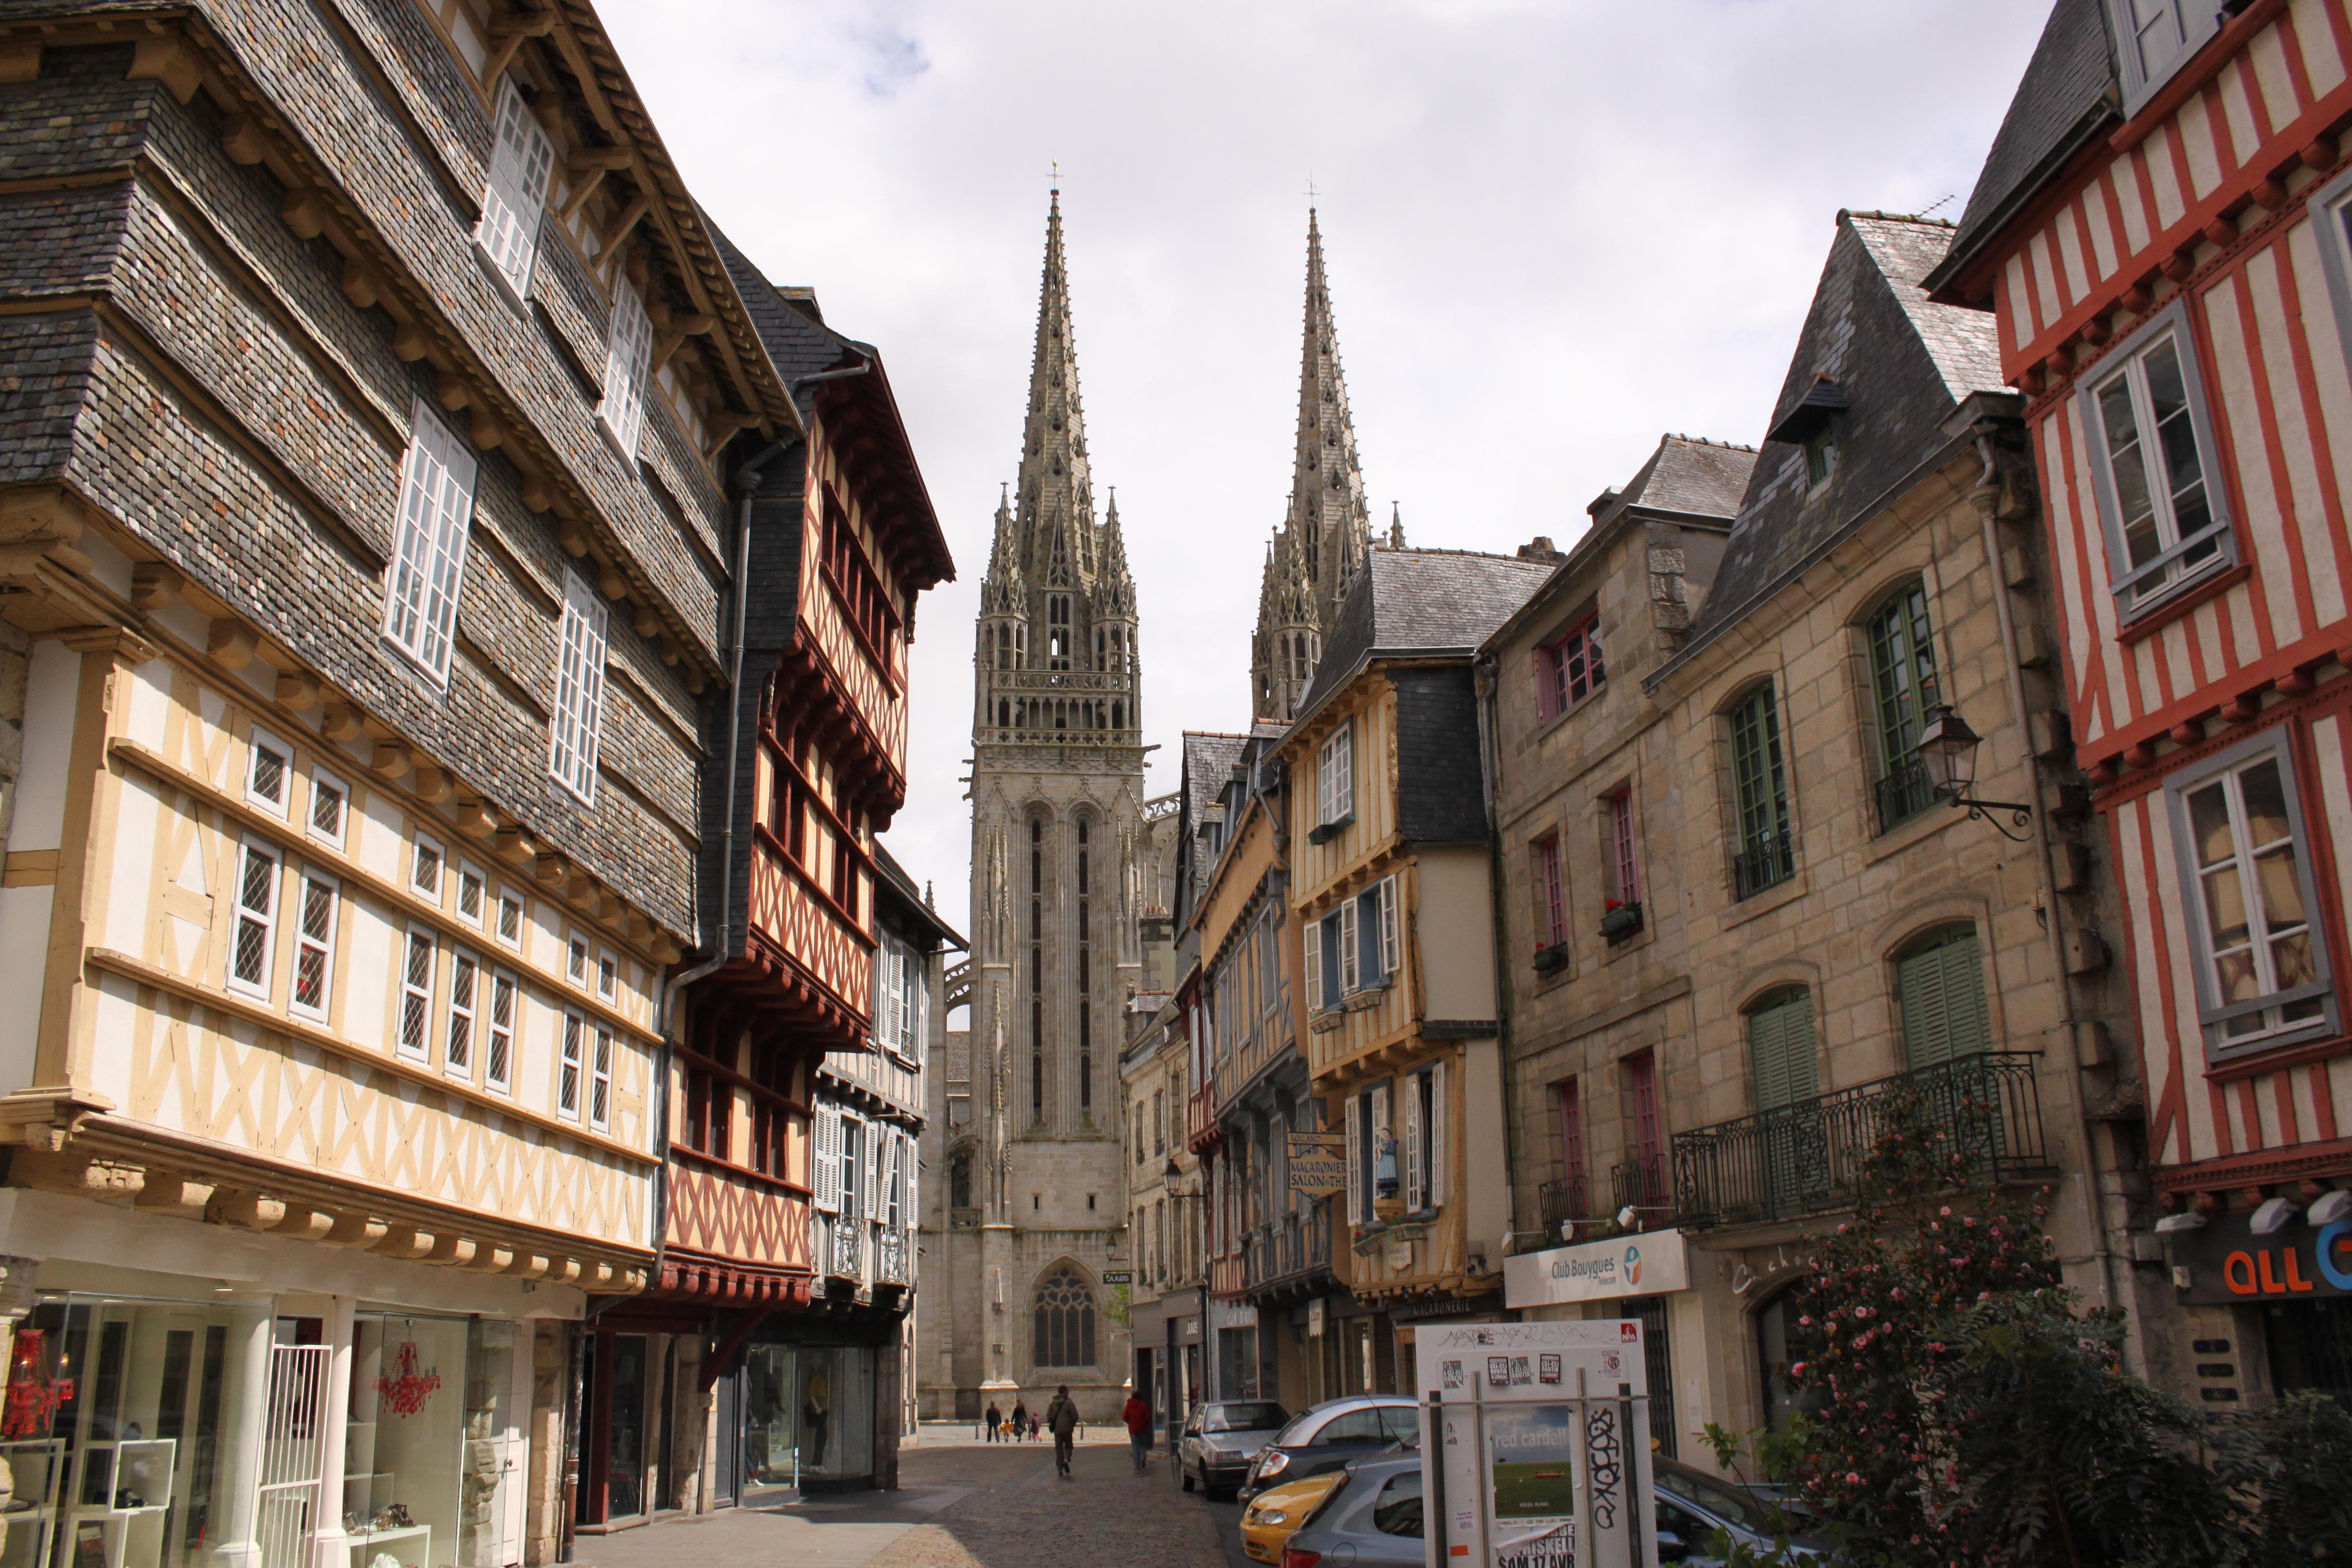 Quimper France  city photos gallery : Description Quimper Cathu00e9drale St. Corentin 2010